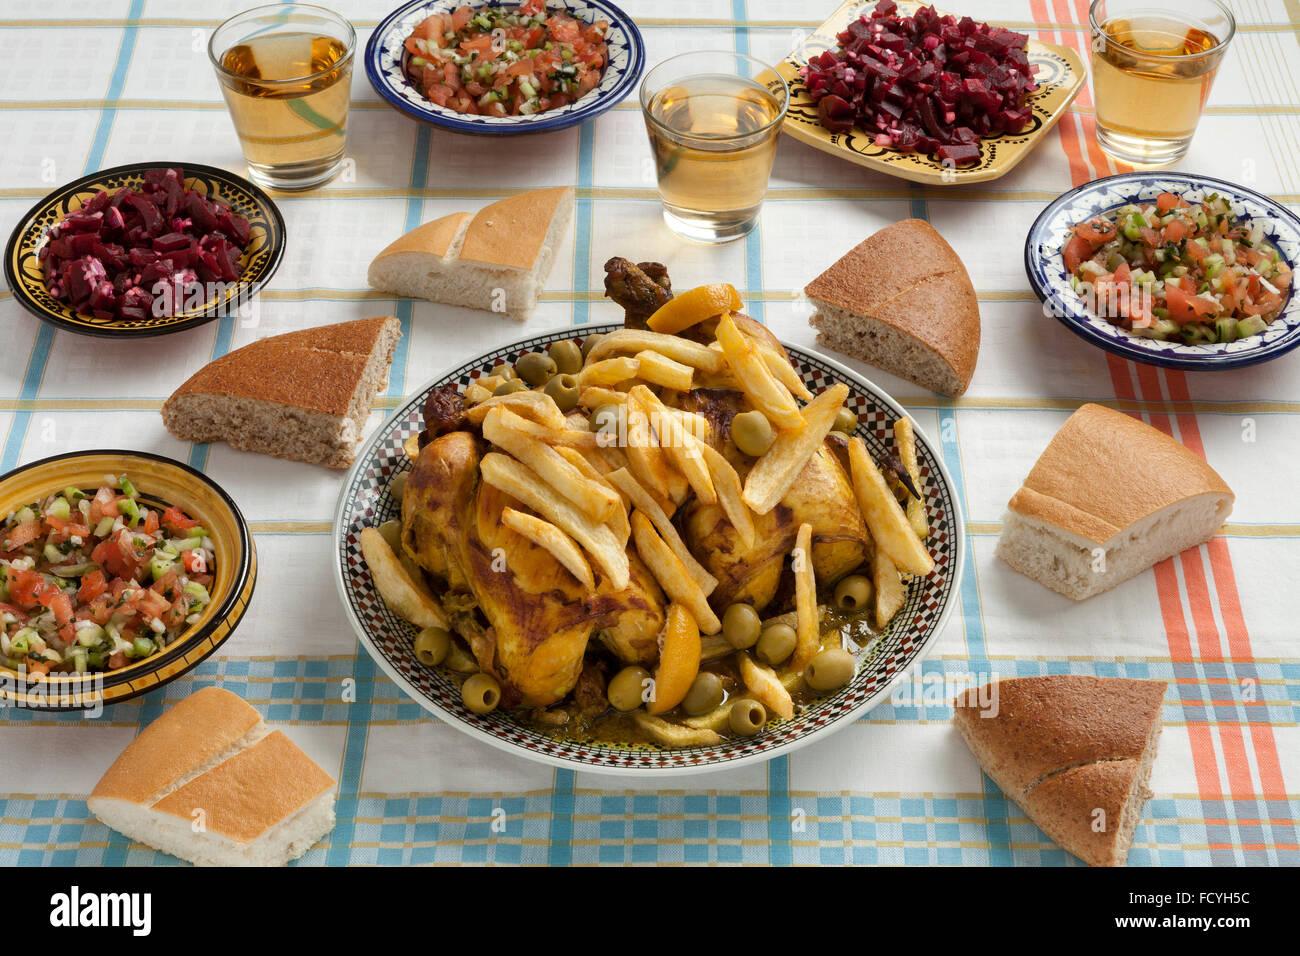 Traditionellen marokkanischen gefüllte Hähnchen essen mit Pommes frites, Oliven, Zitrone, Brot und Salate Stockbild